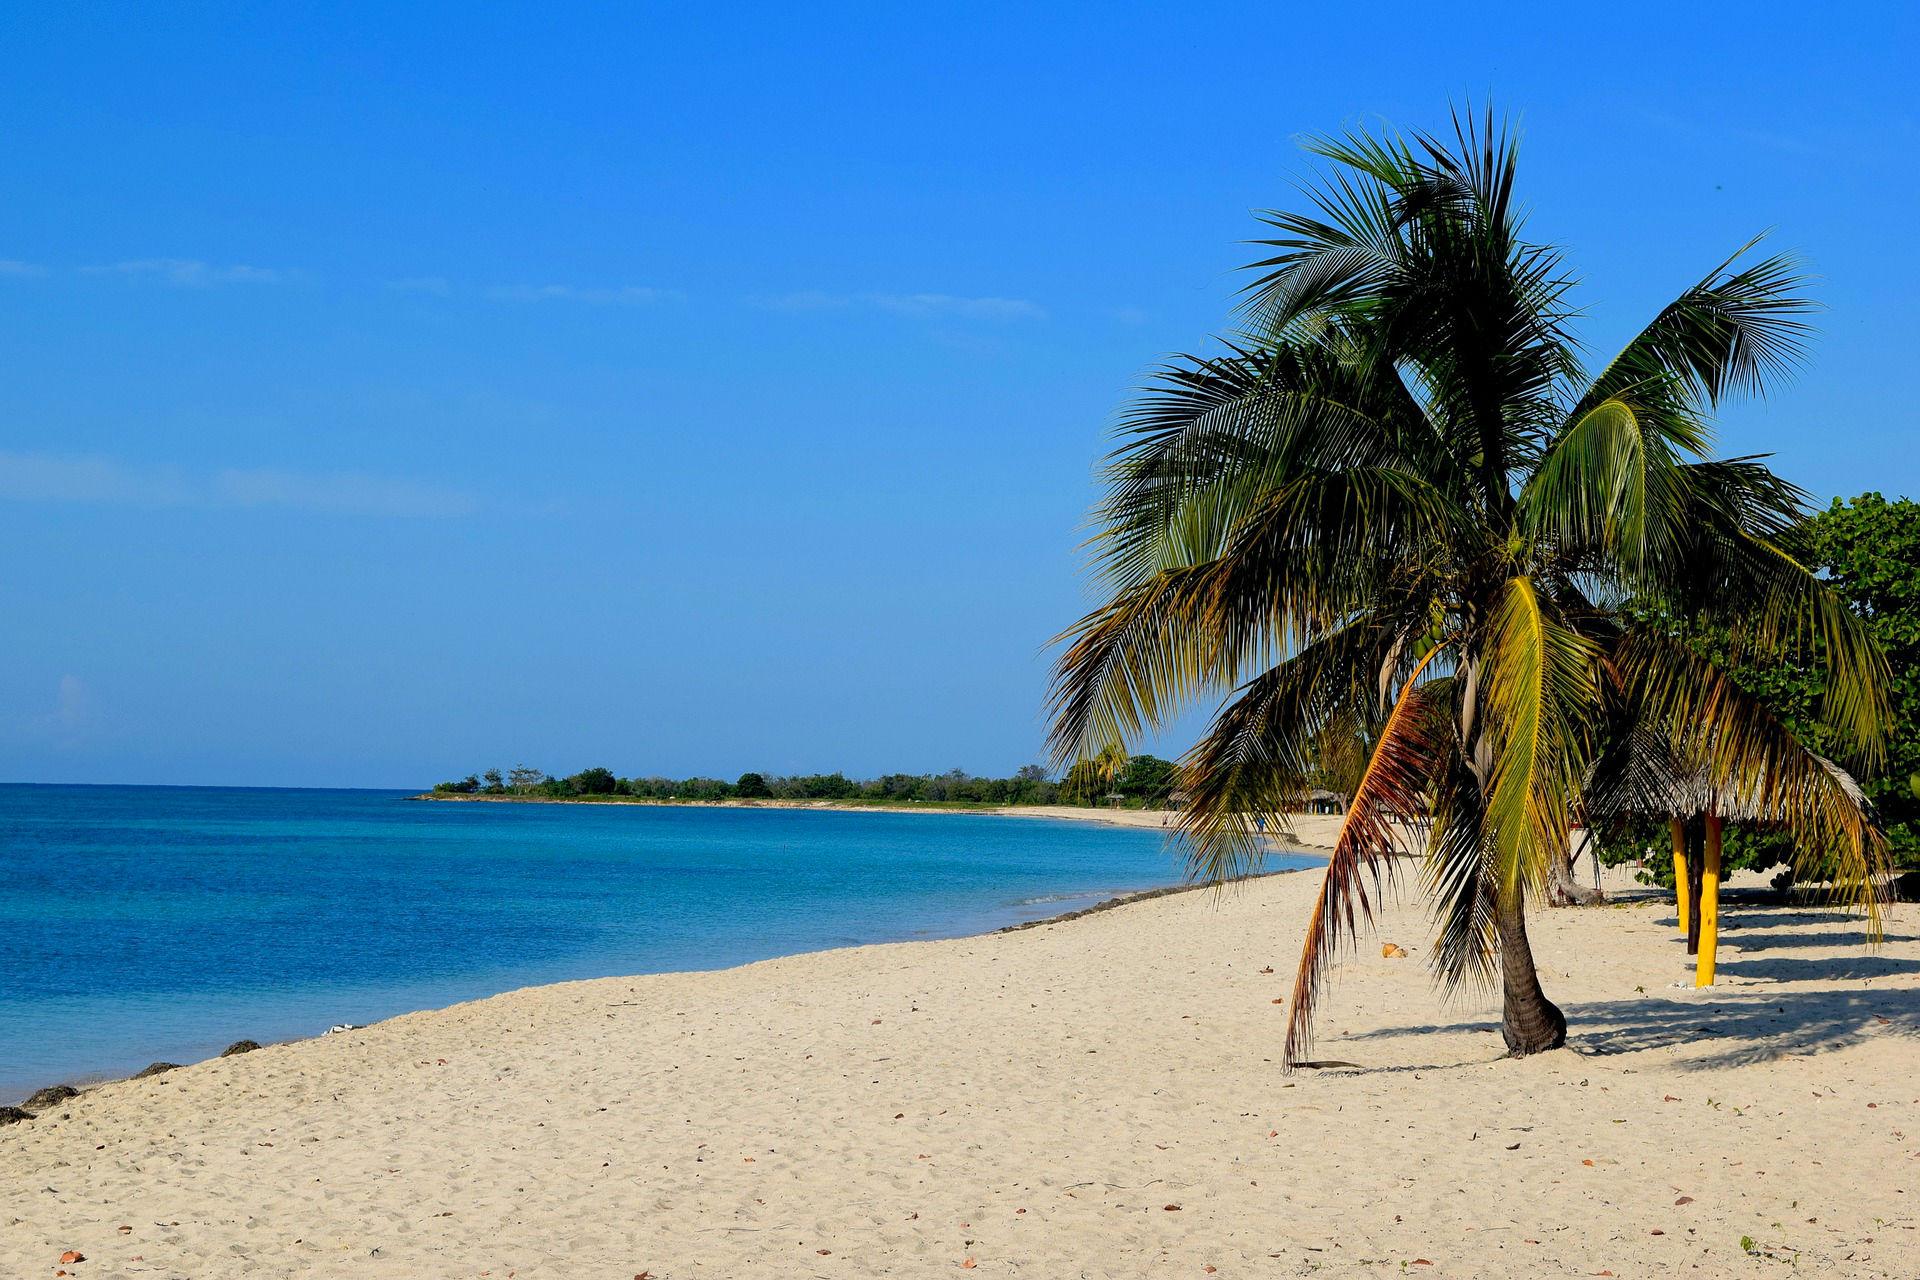 Weißer Sandstrand und Palmen auf Kuba